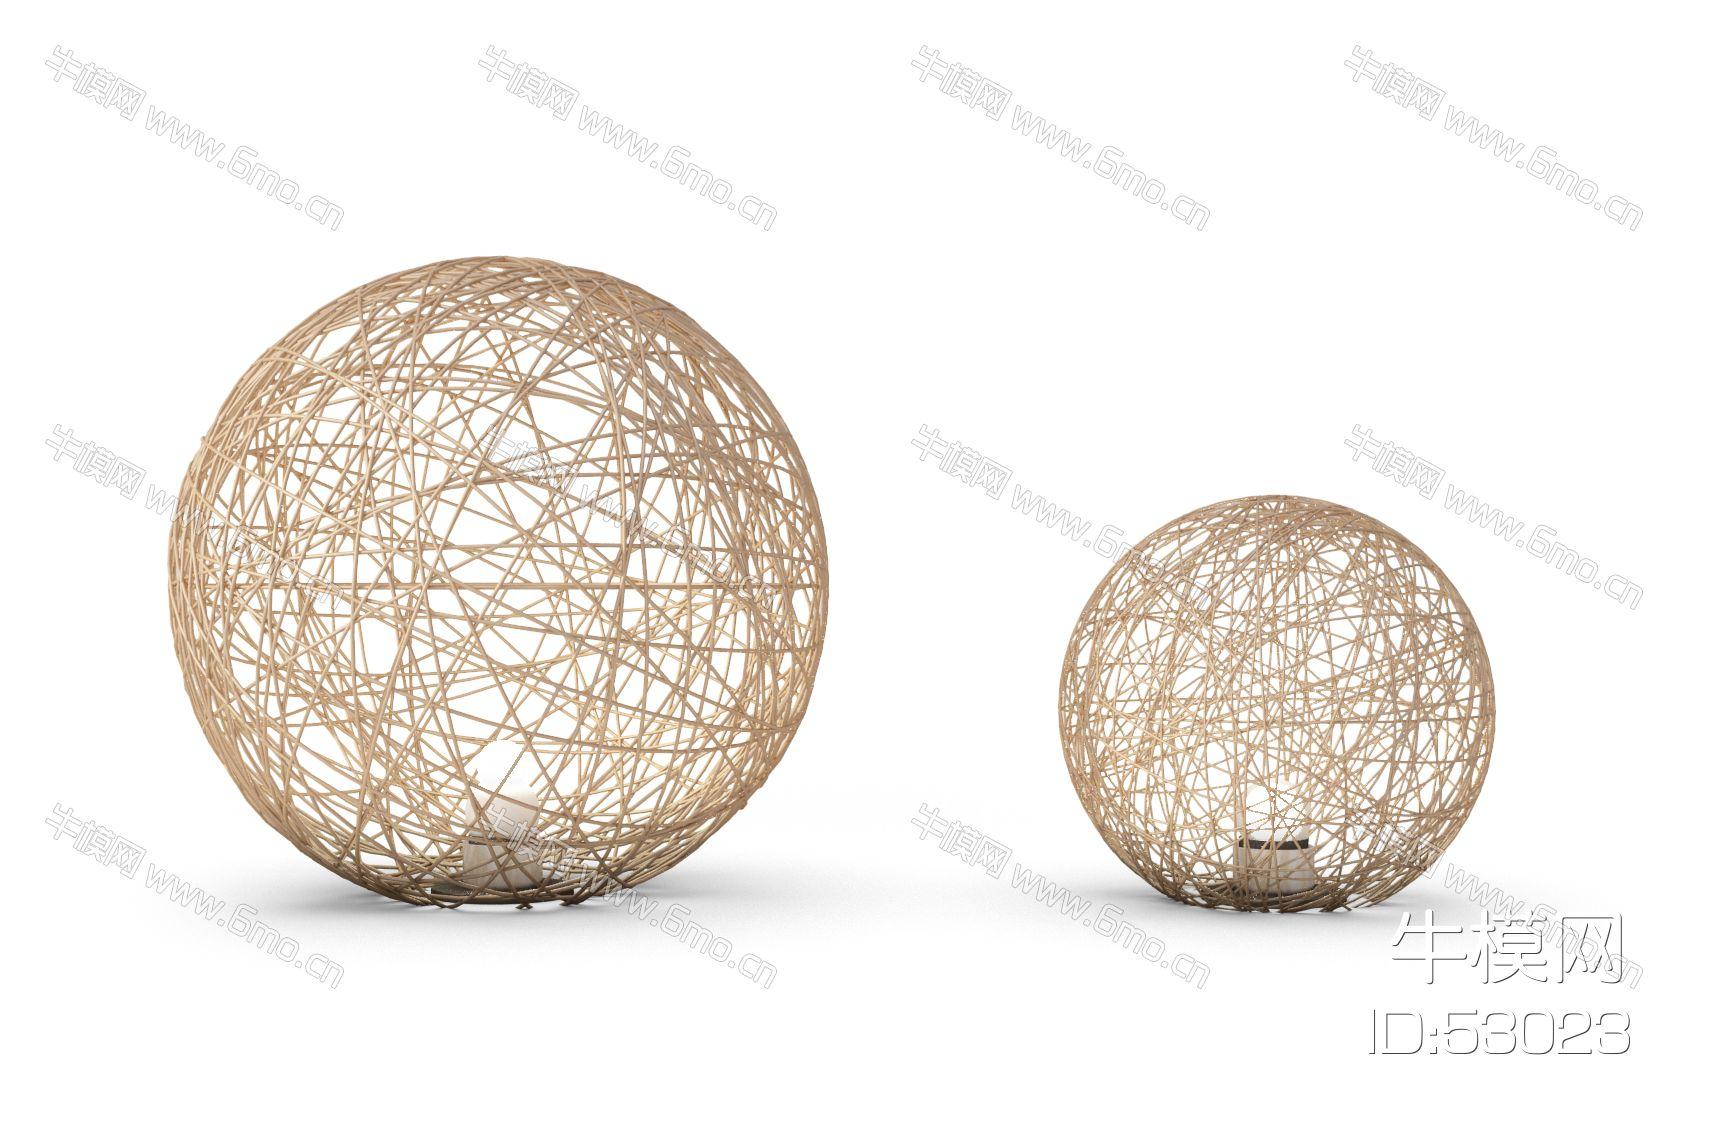 现代藤球落地灯